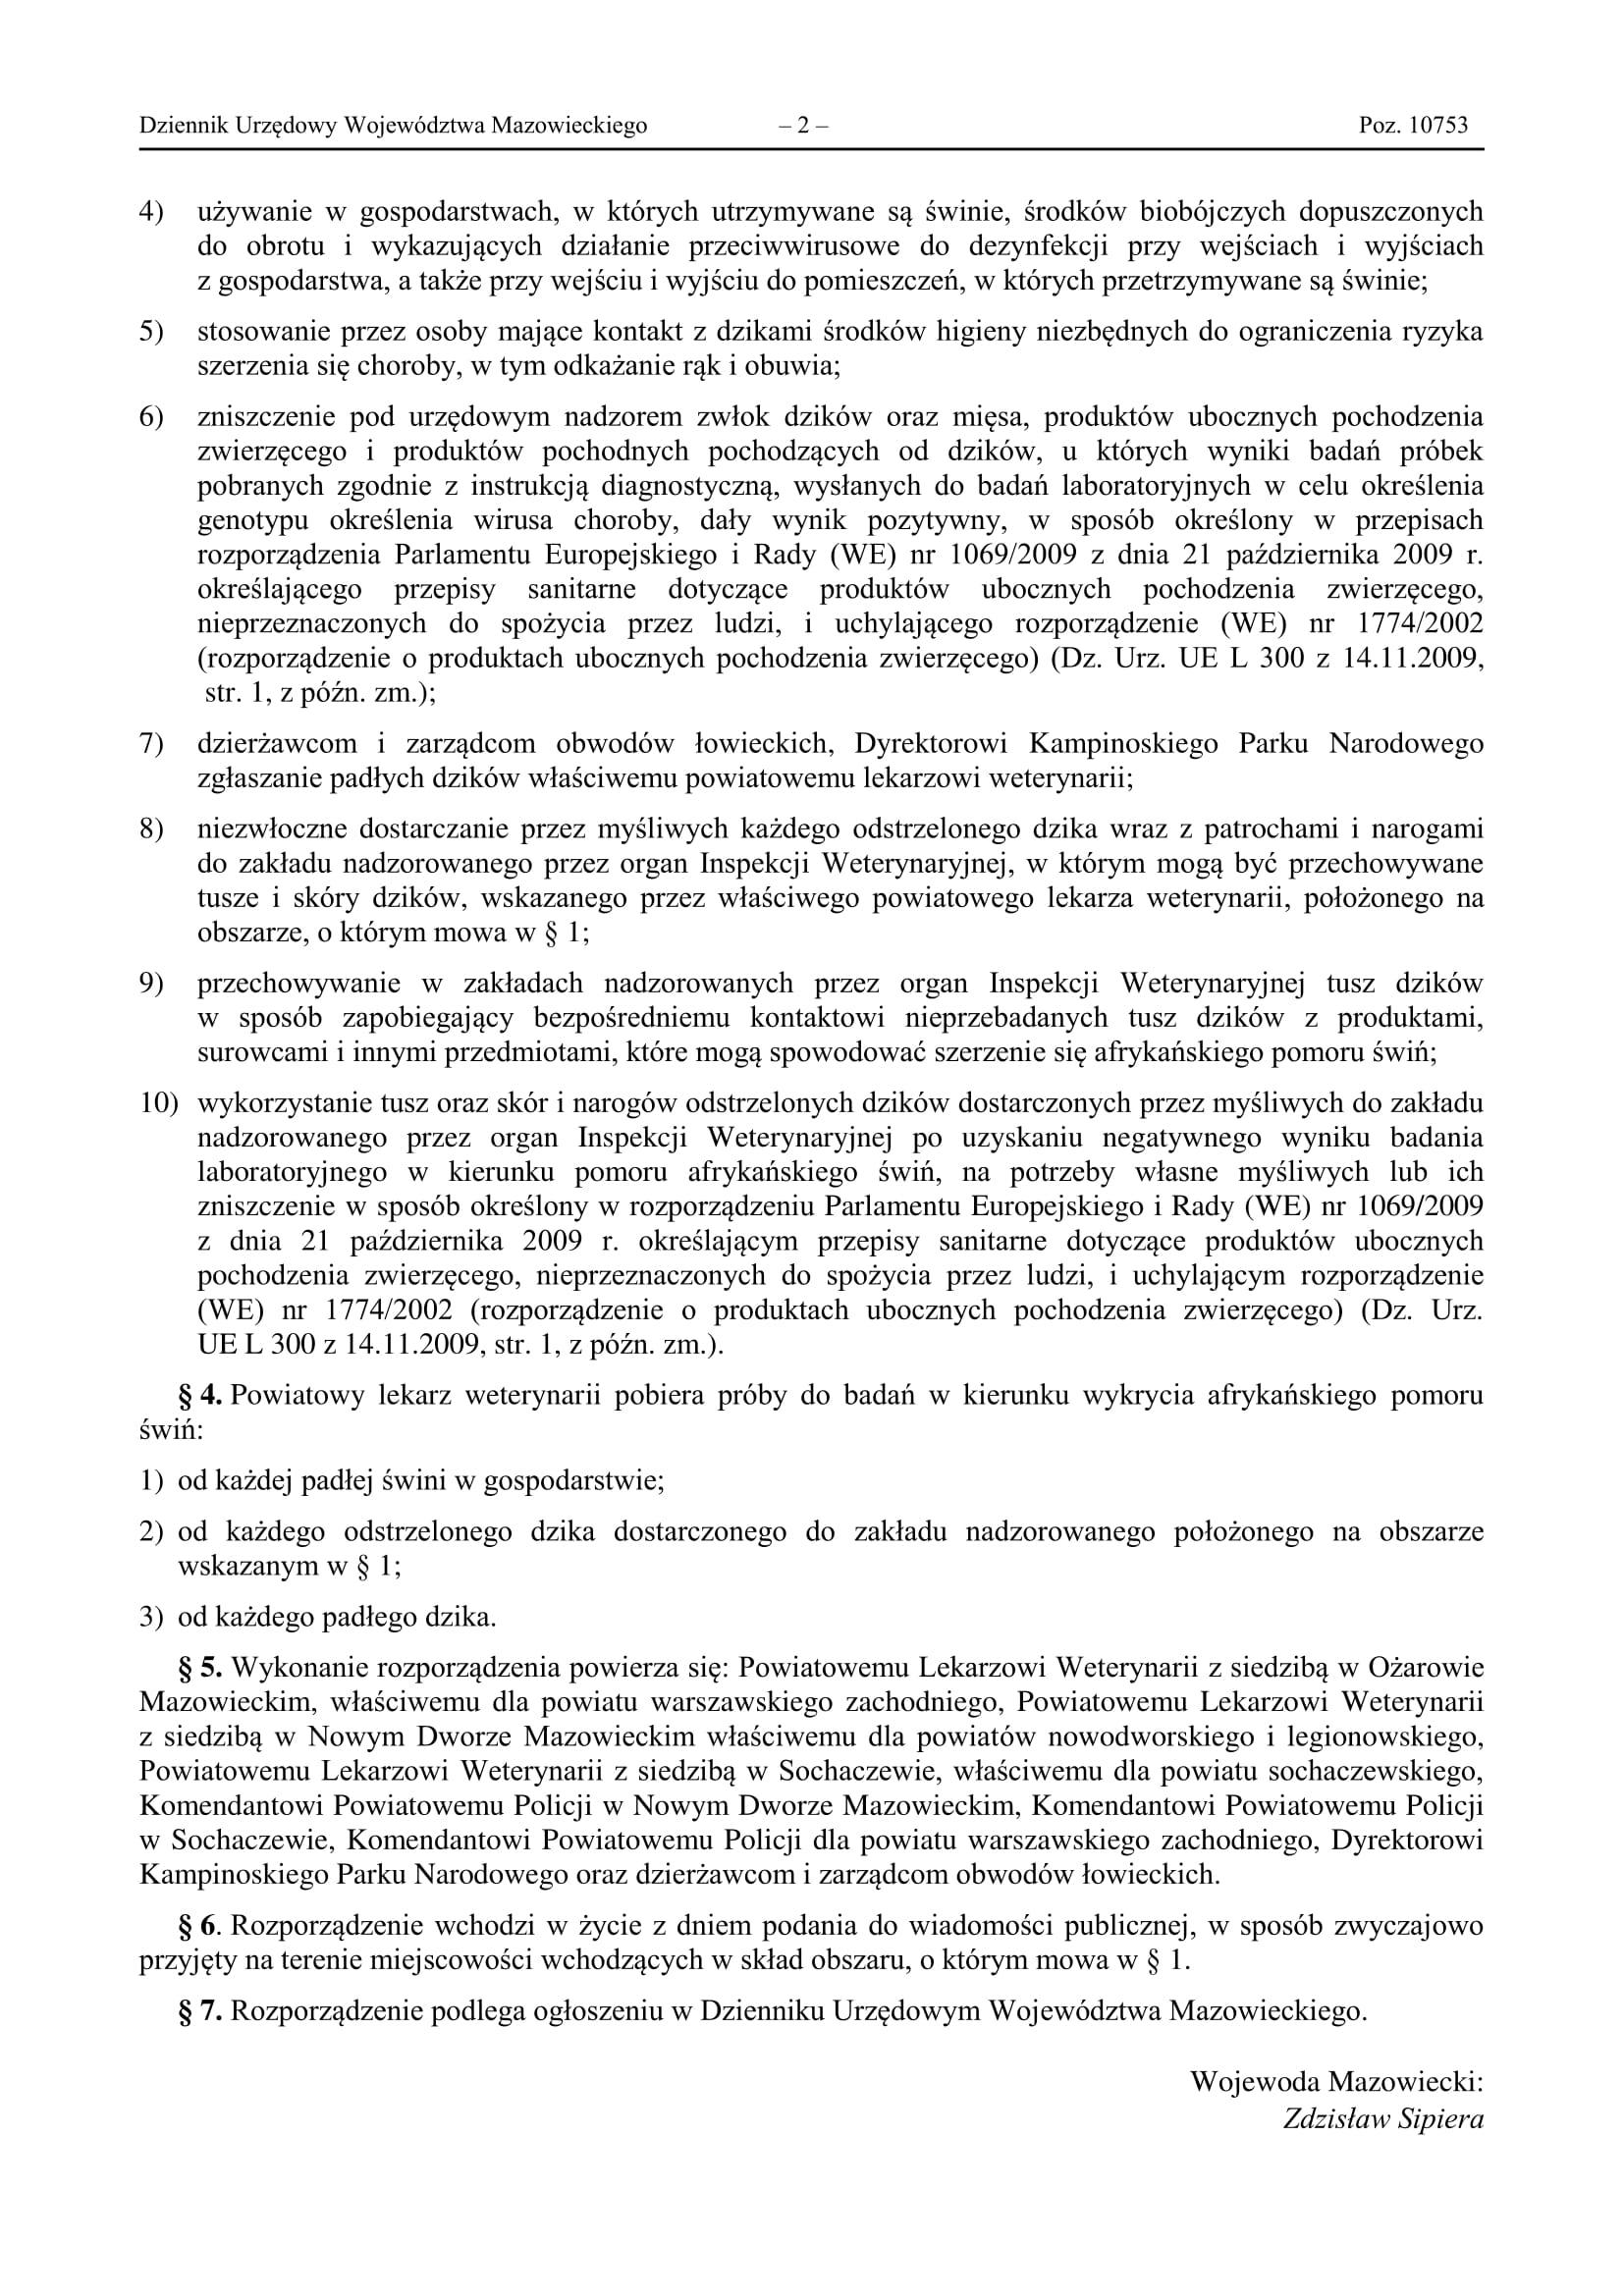 akt-2